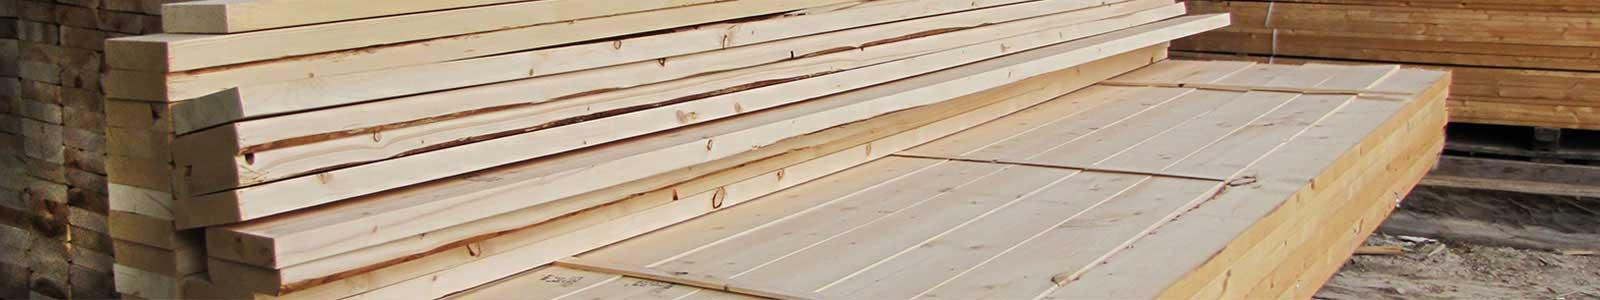 Lumber Plywood Ewp Lind Lumber